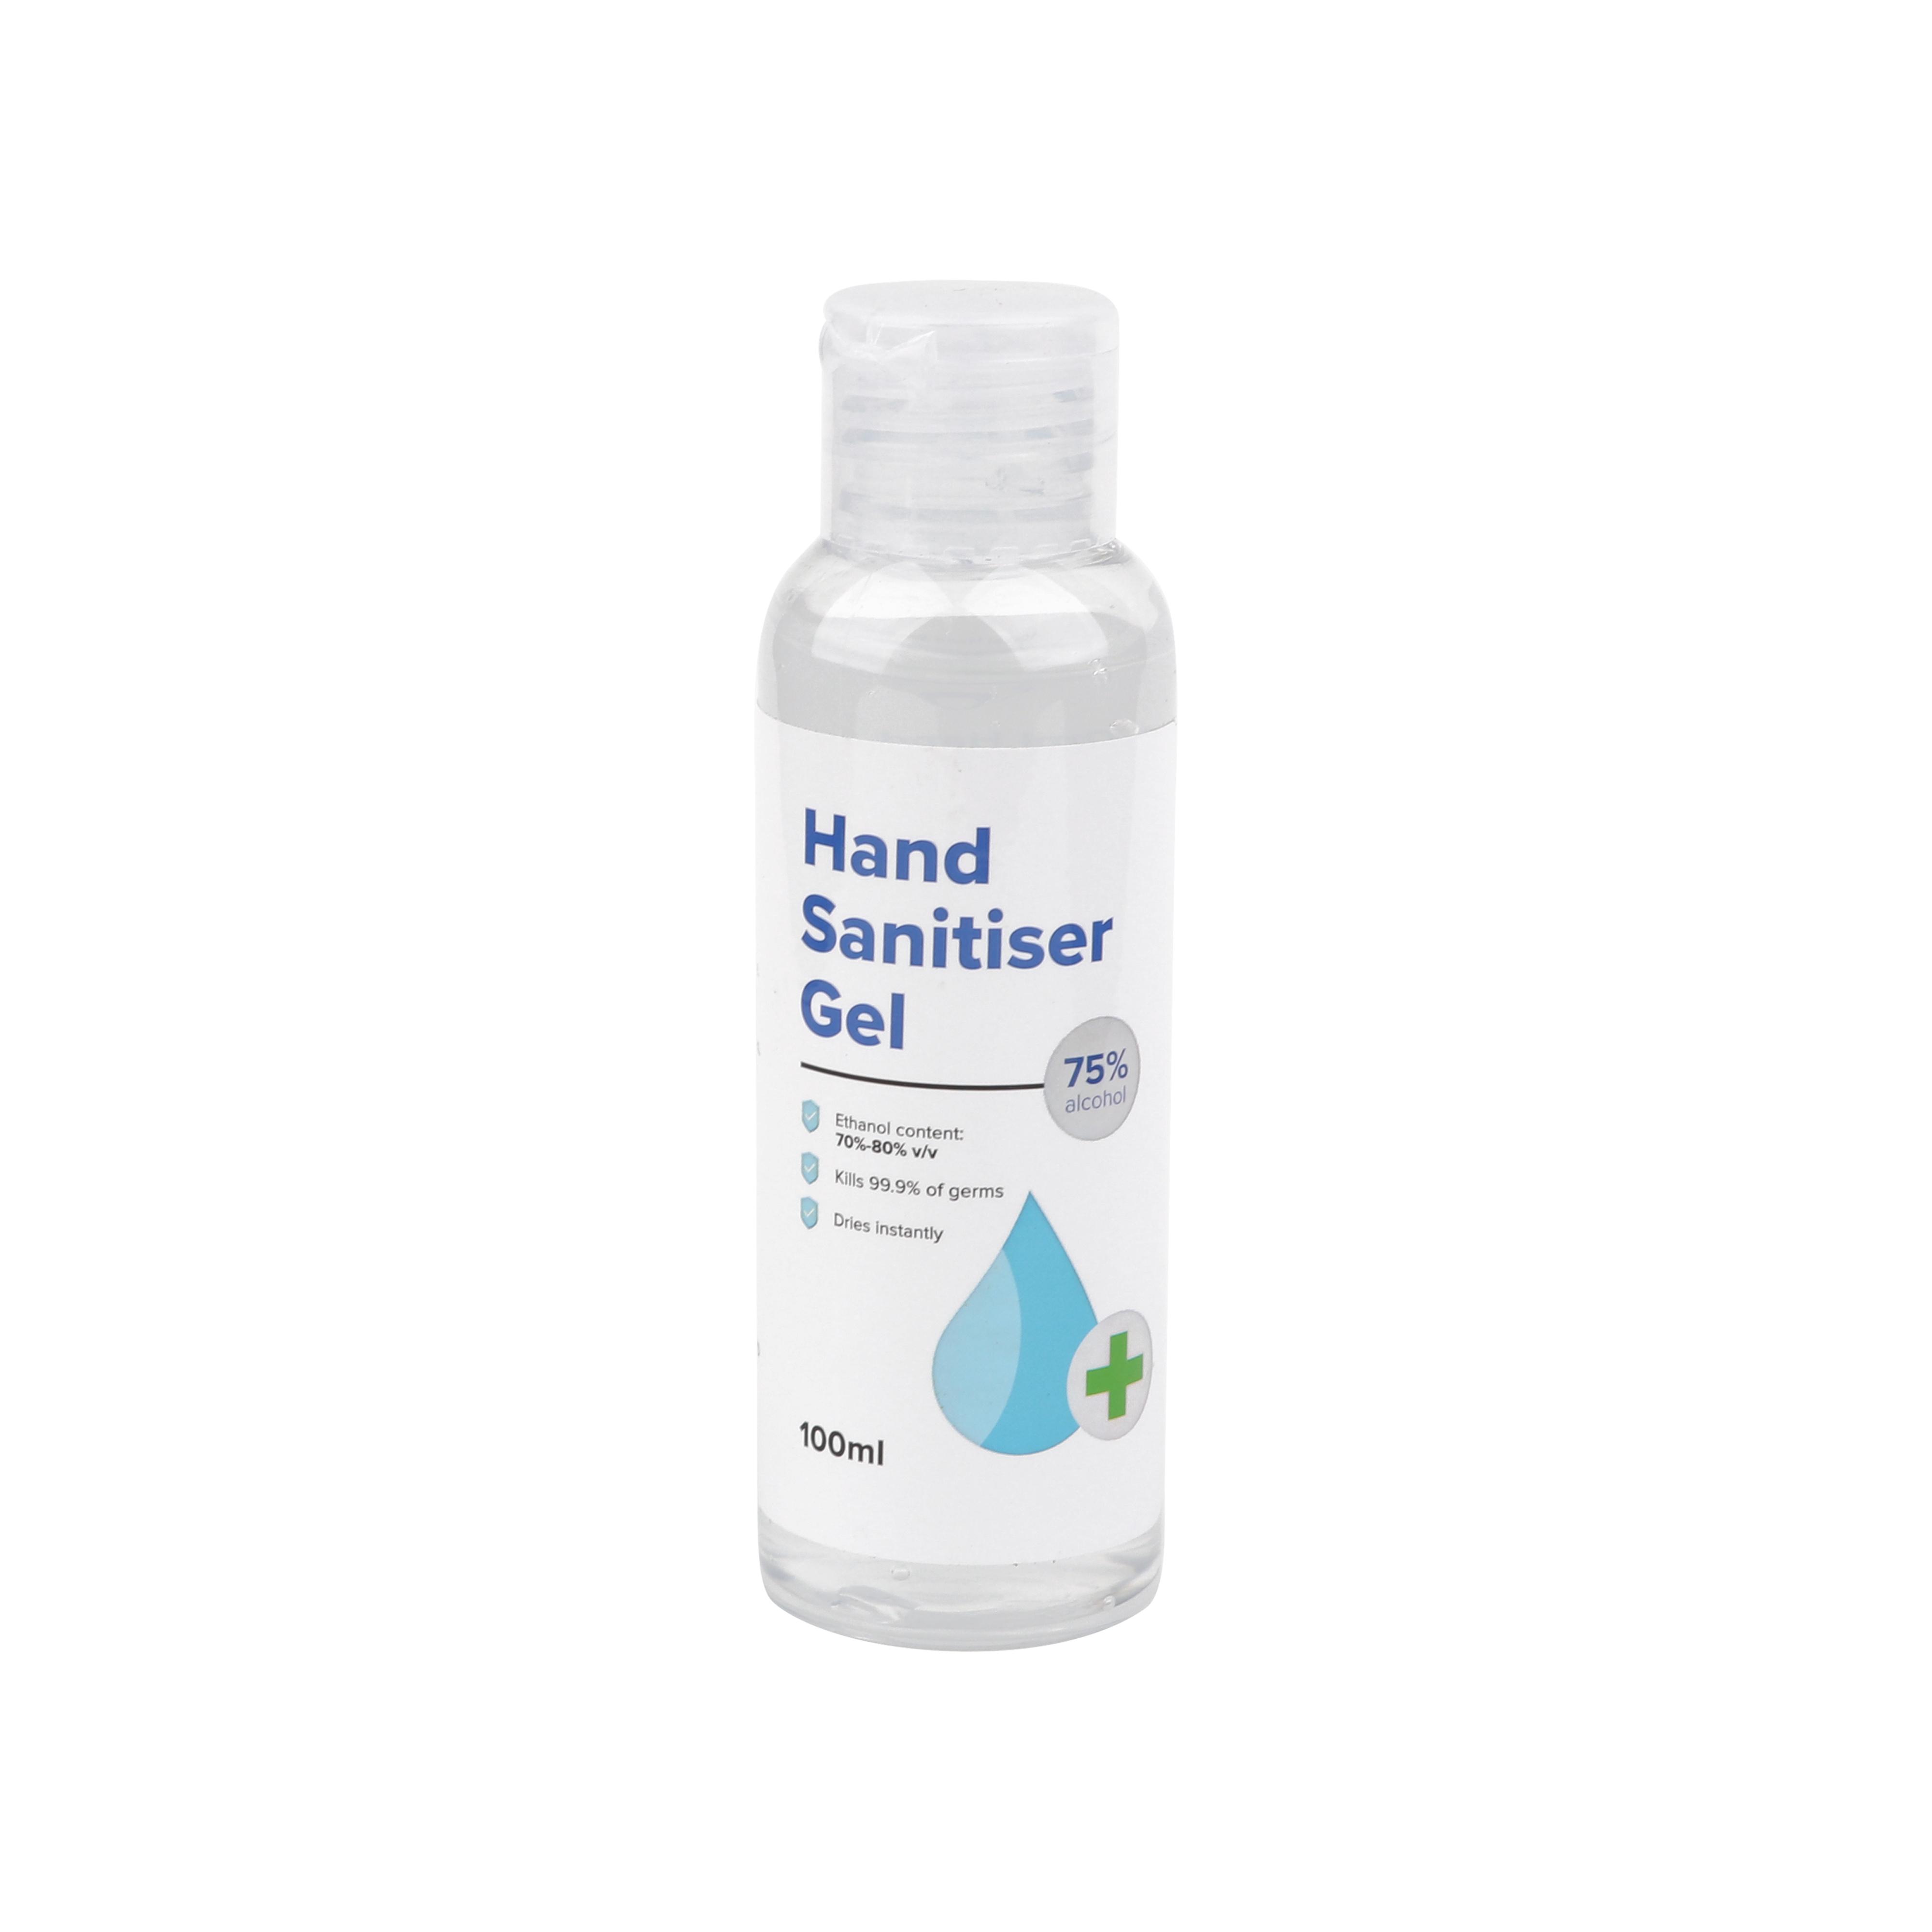 Hand Sanitiser - 100ml